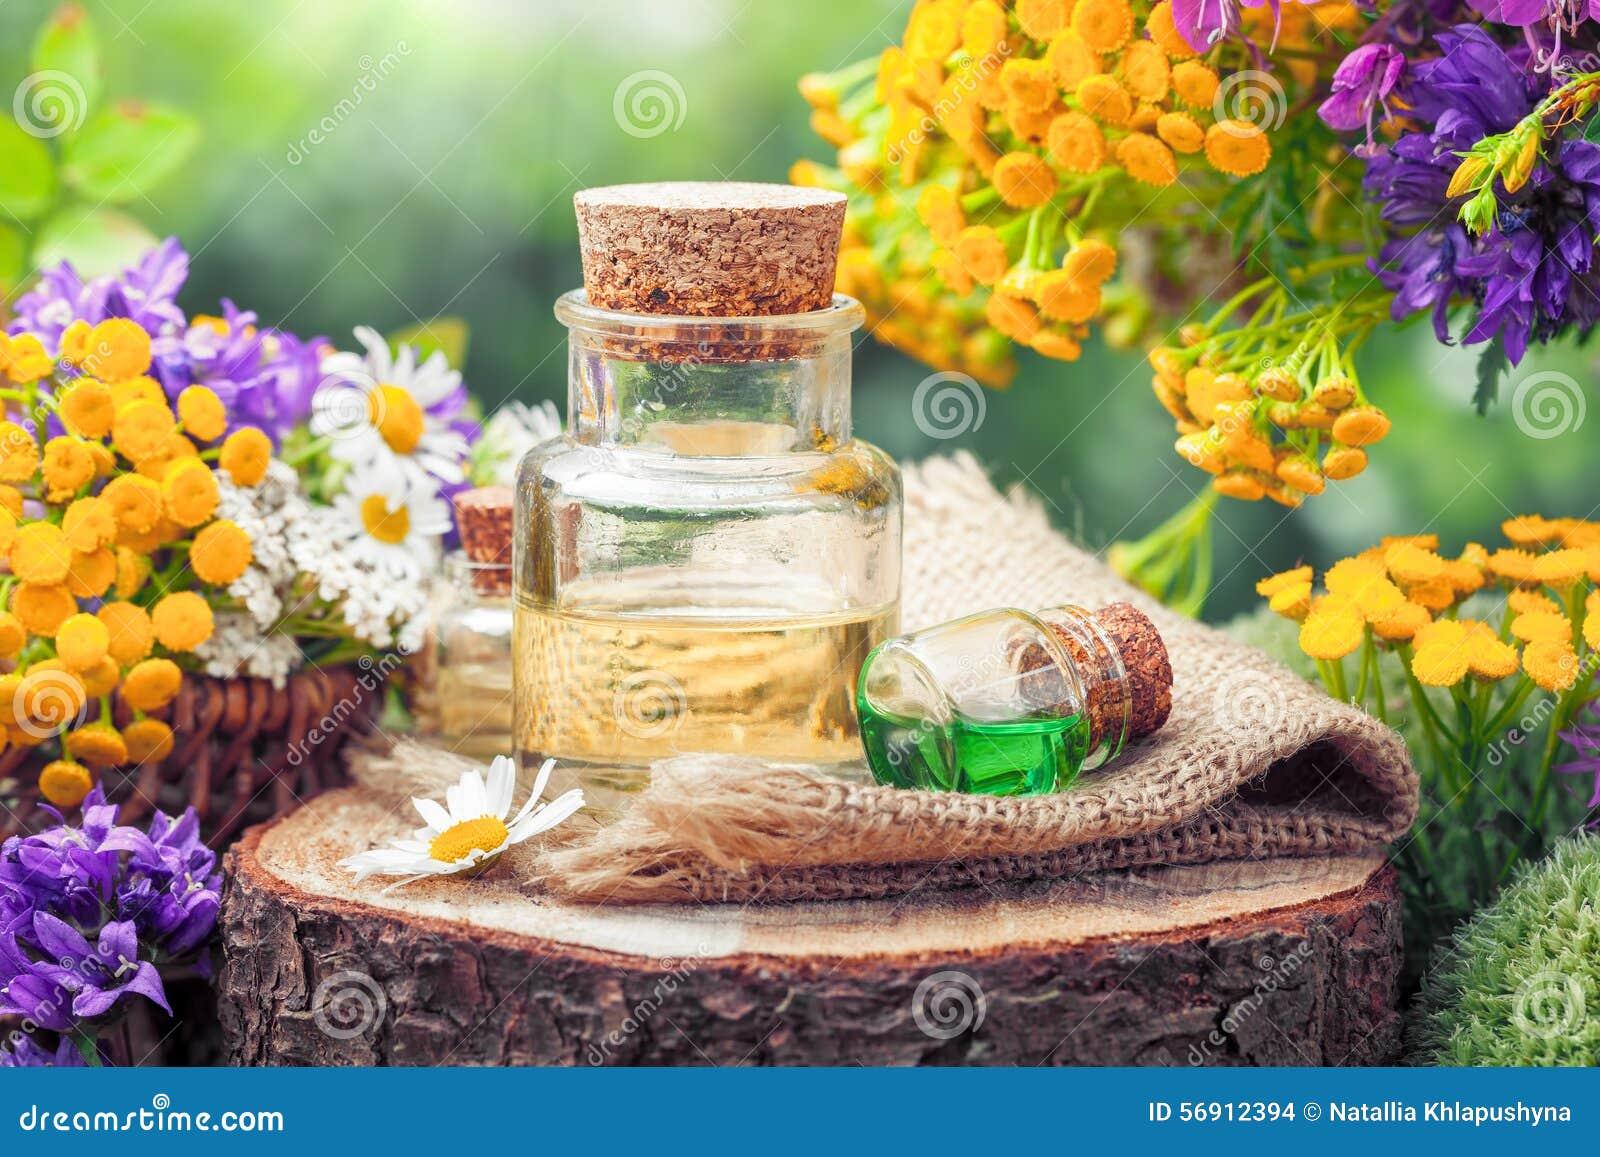 Μπουκάλια του ουσιαστικής ελαίου ή της φίλτρου, των χορταριών θεραπείας και των λουλουδιών